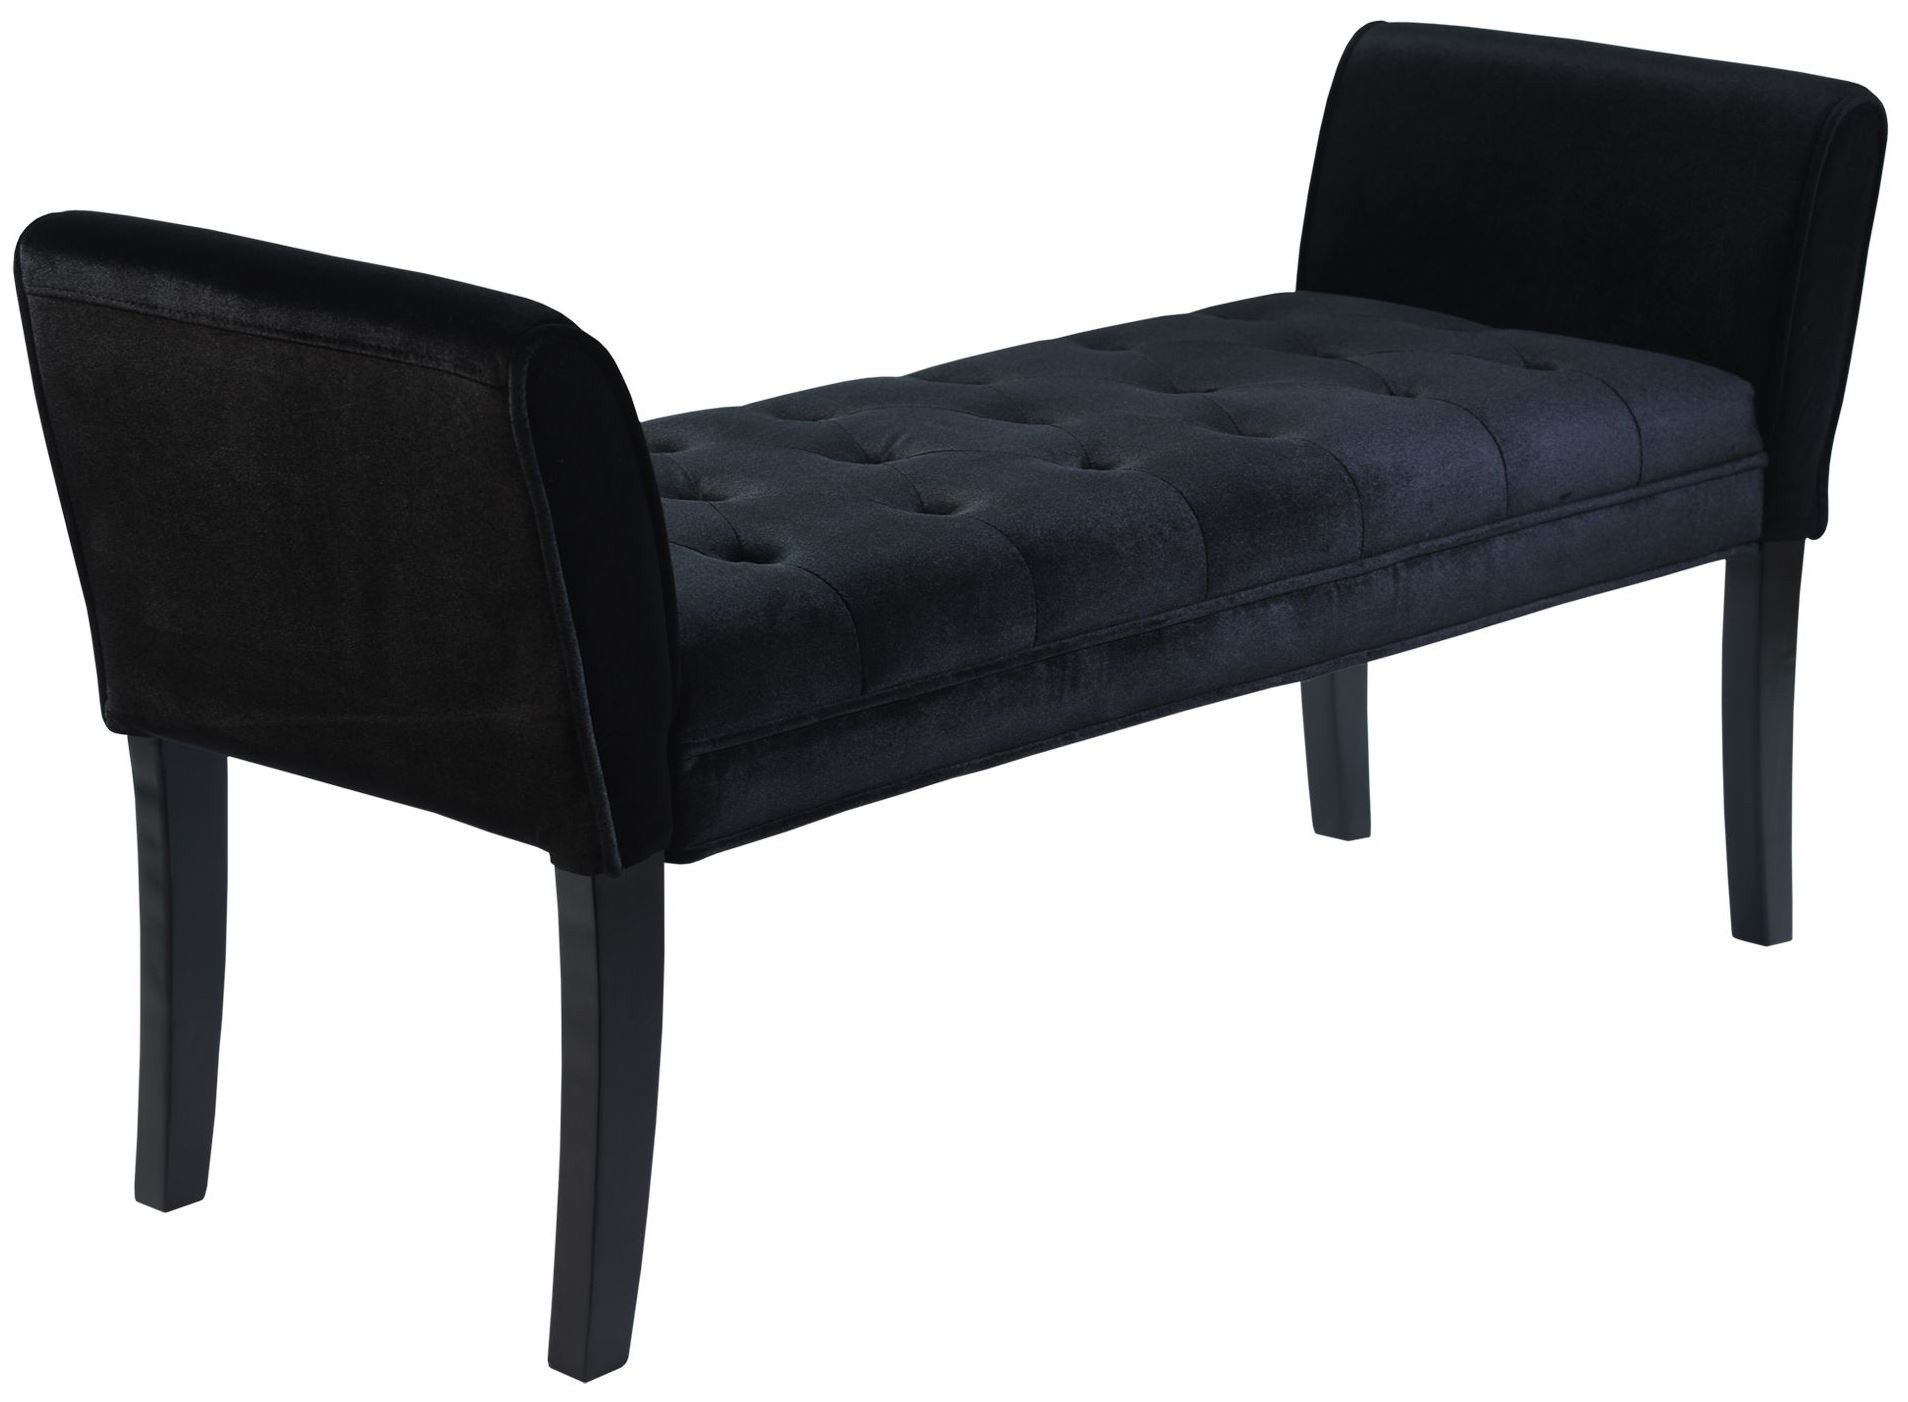 Chatham Black Velvet Bench Lc0845bebl Armen Living